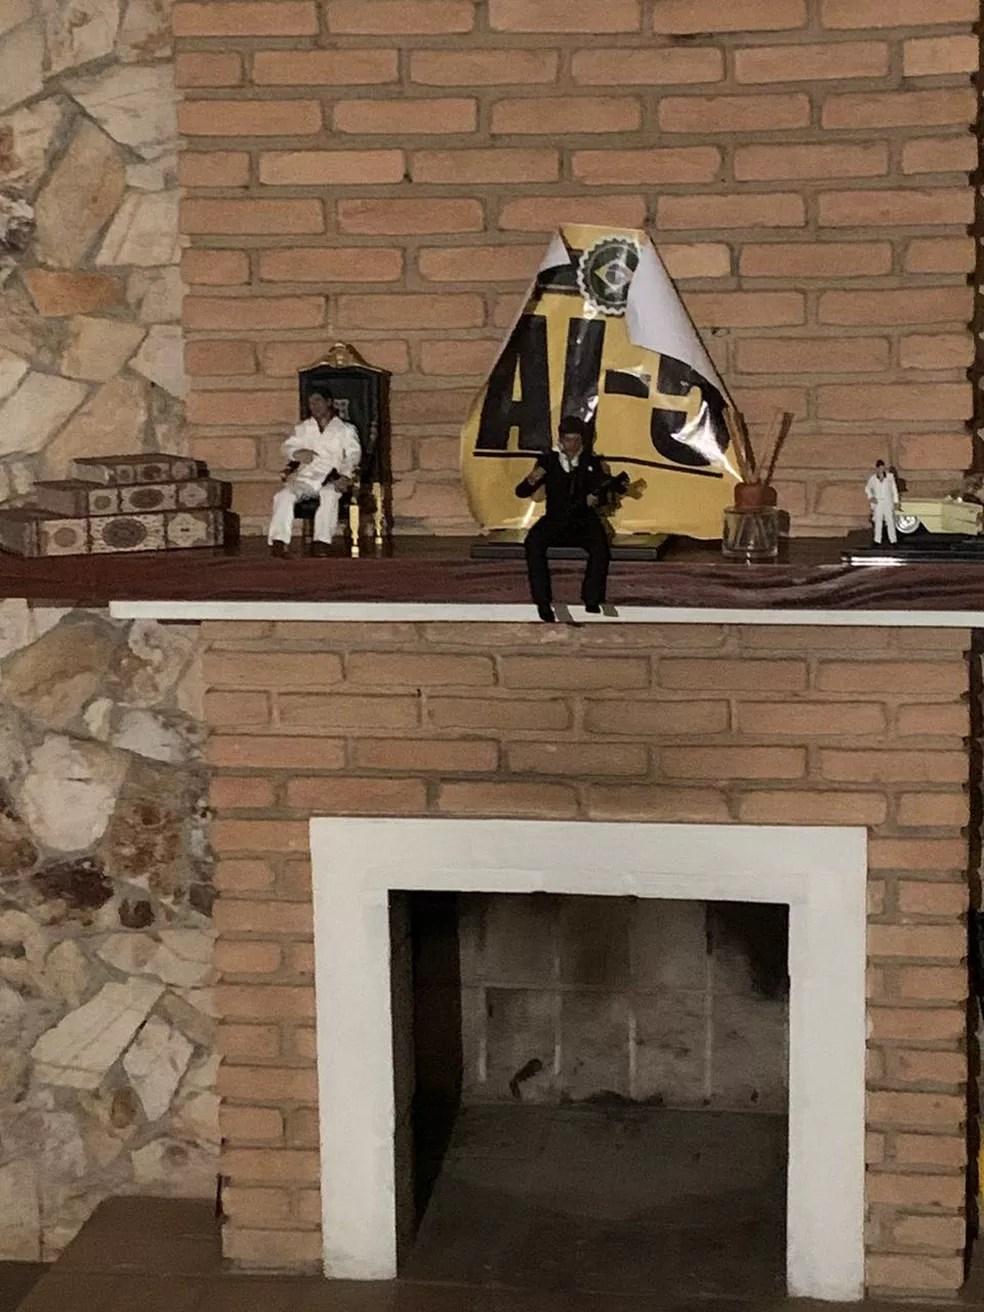 Cartaz com a inscrição 'AI-5' junto a bonecos de Tony Montana, mafioso do filme 'Scarface' — Foto: Divulgação/Polícia Civil